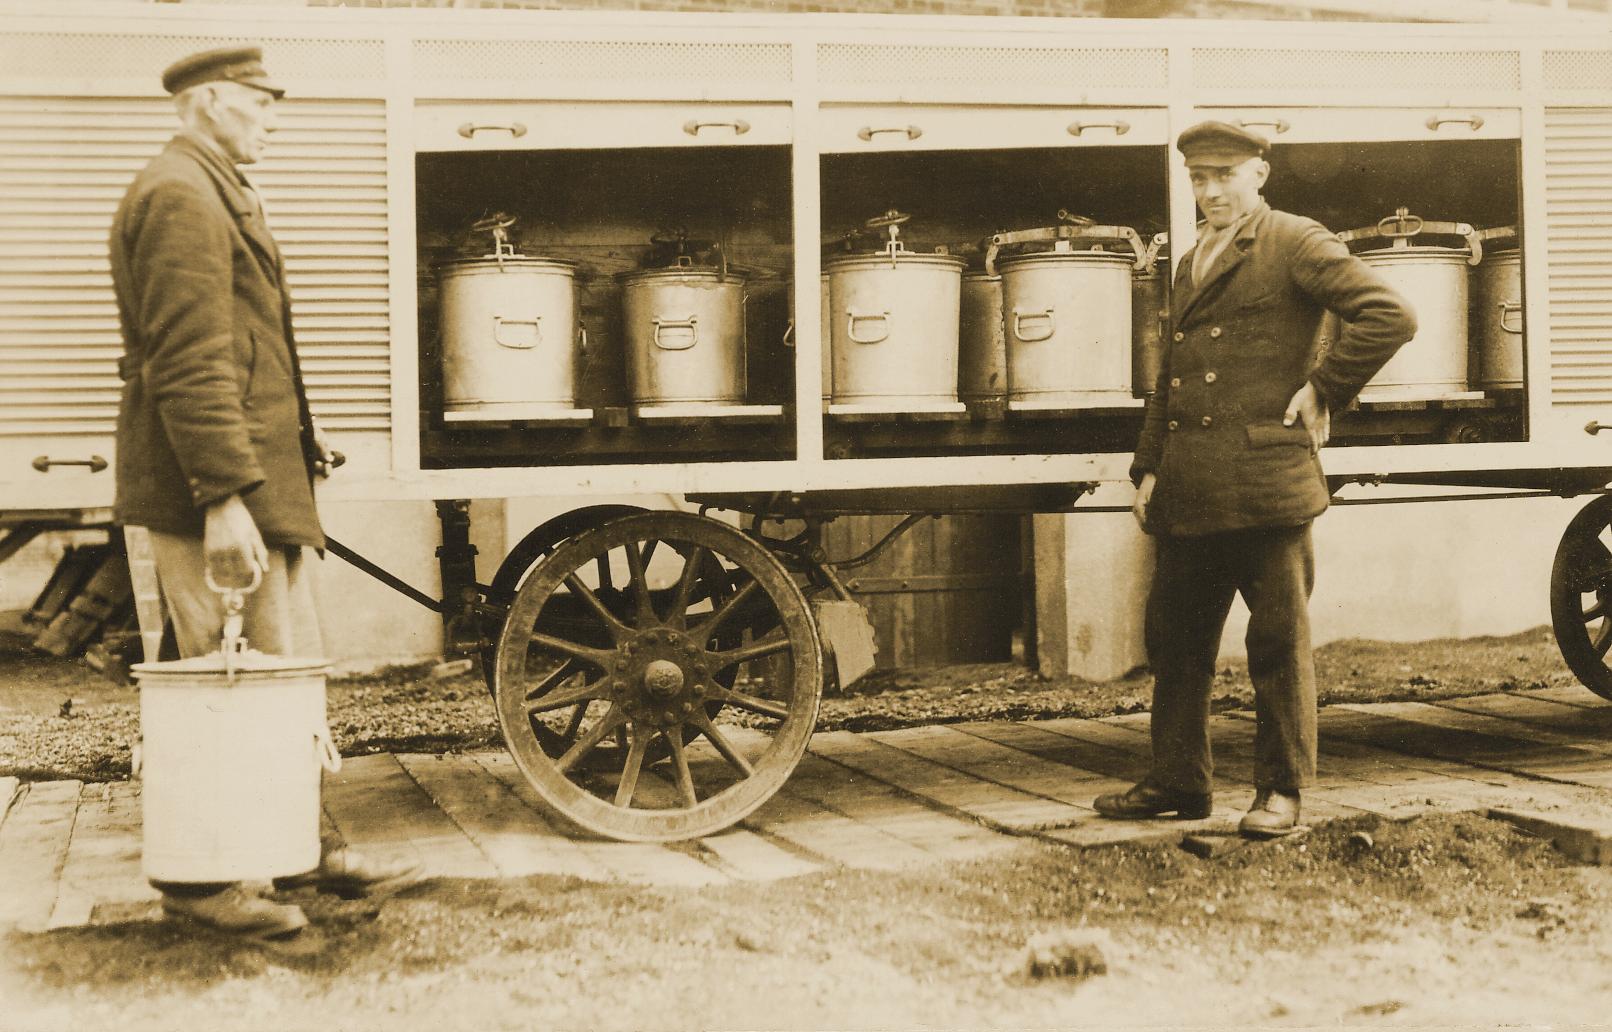 Zwei Arbeiter laden Eimer auf einen Wagen mit Rolläden